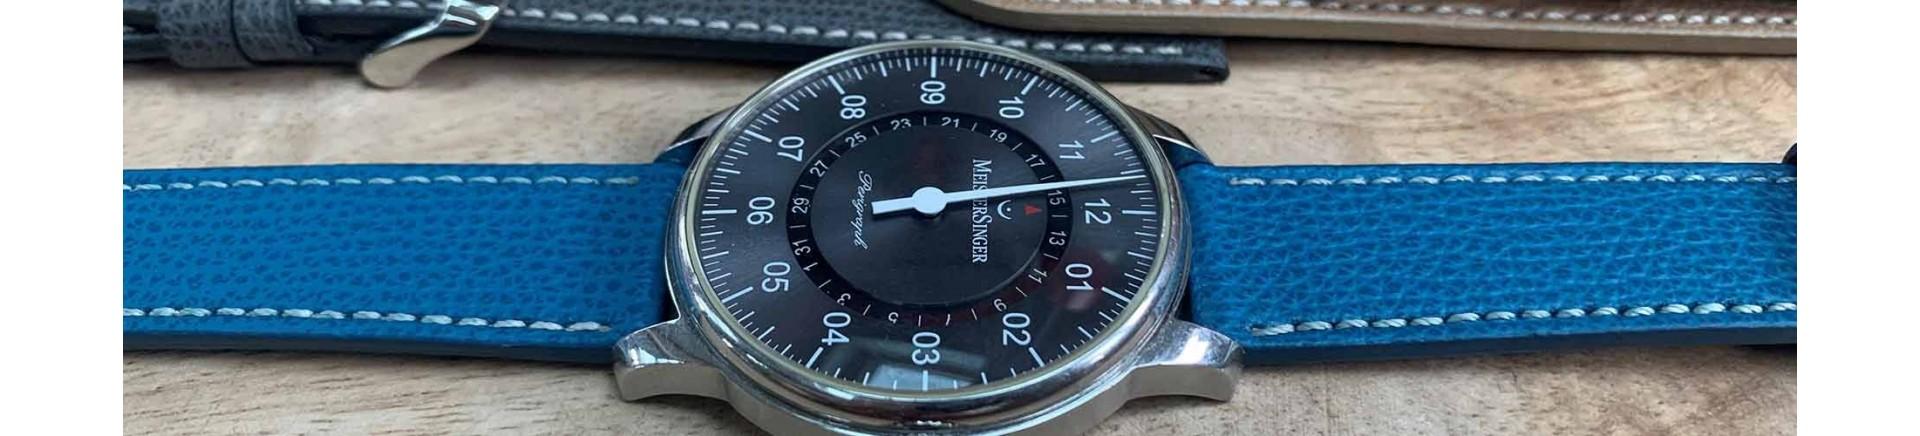 Bracelets Atelier 22mm